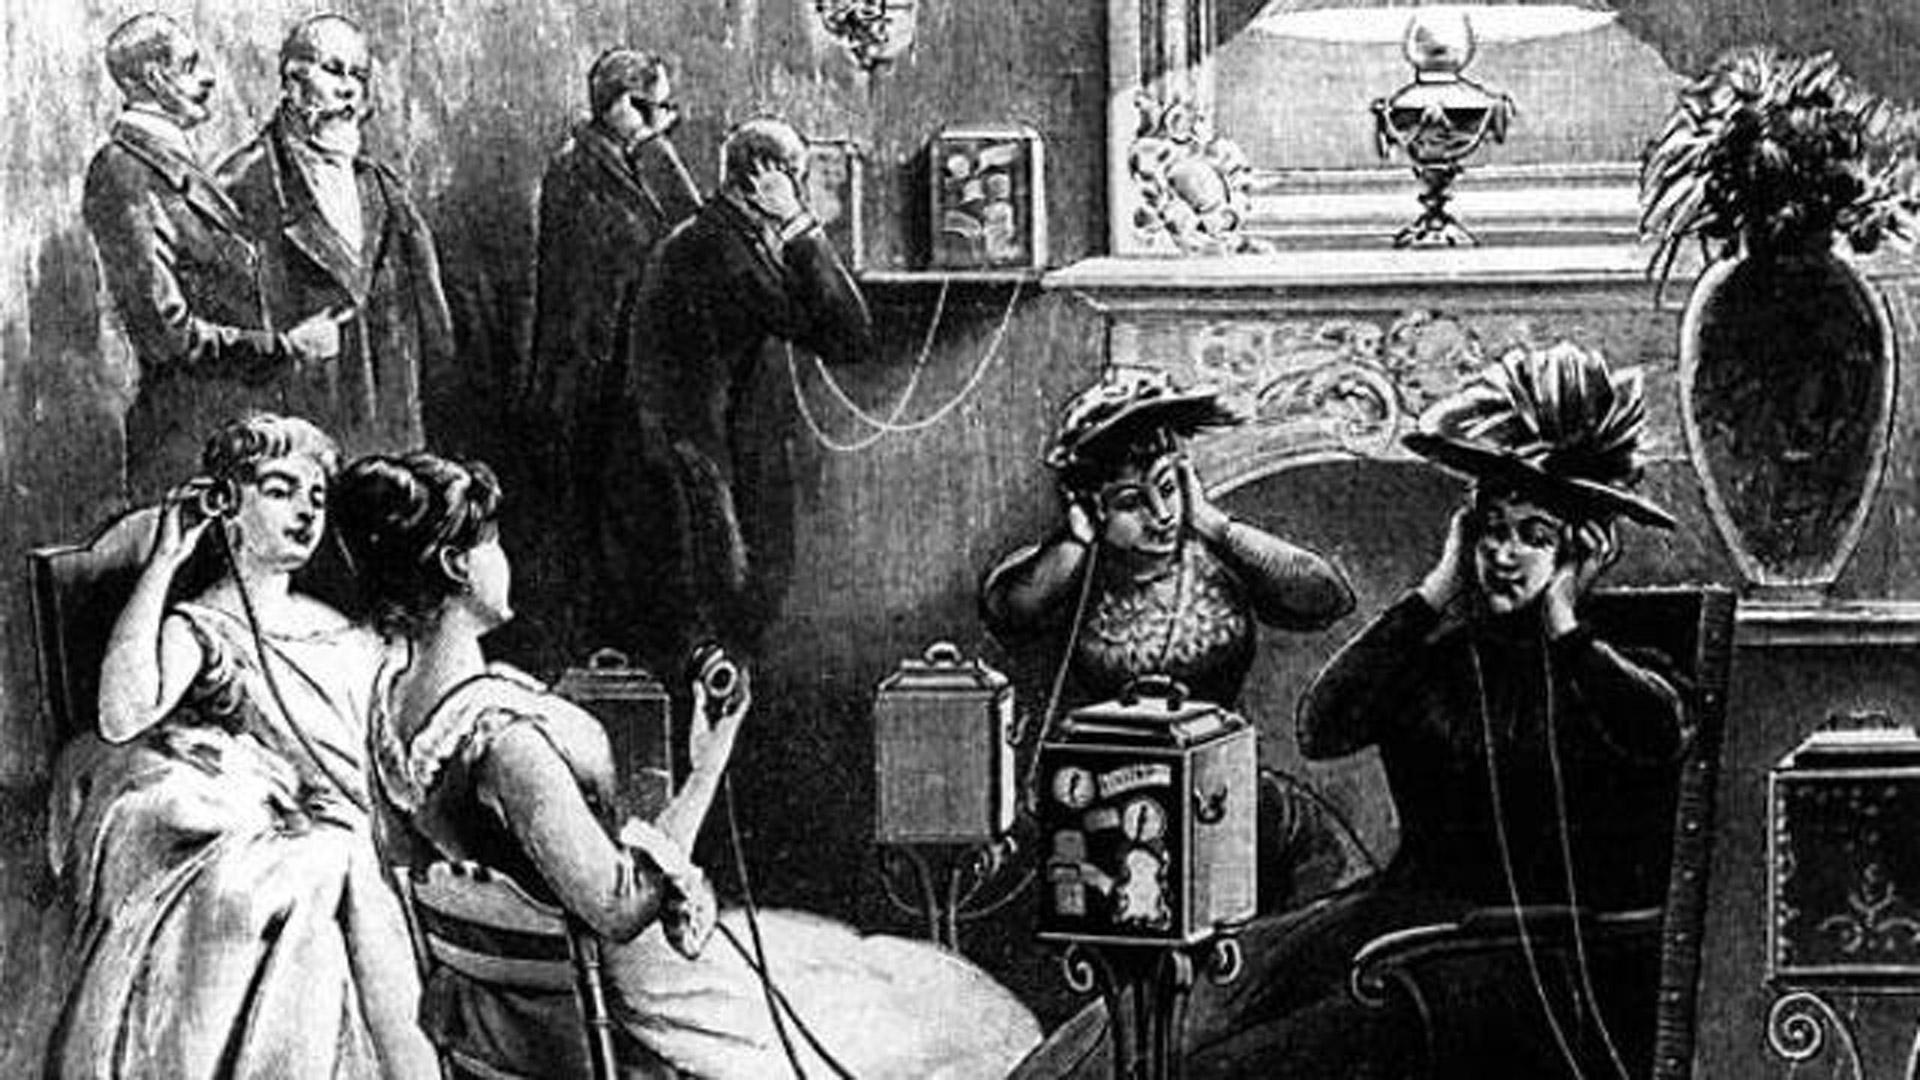 Спотифай XIX века: как королева Виктория слушала театр по телефону - 4